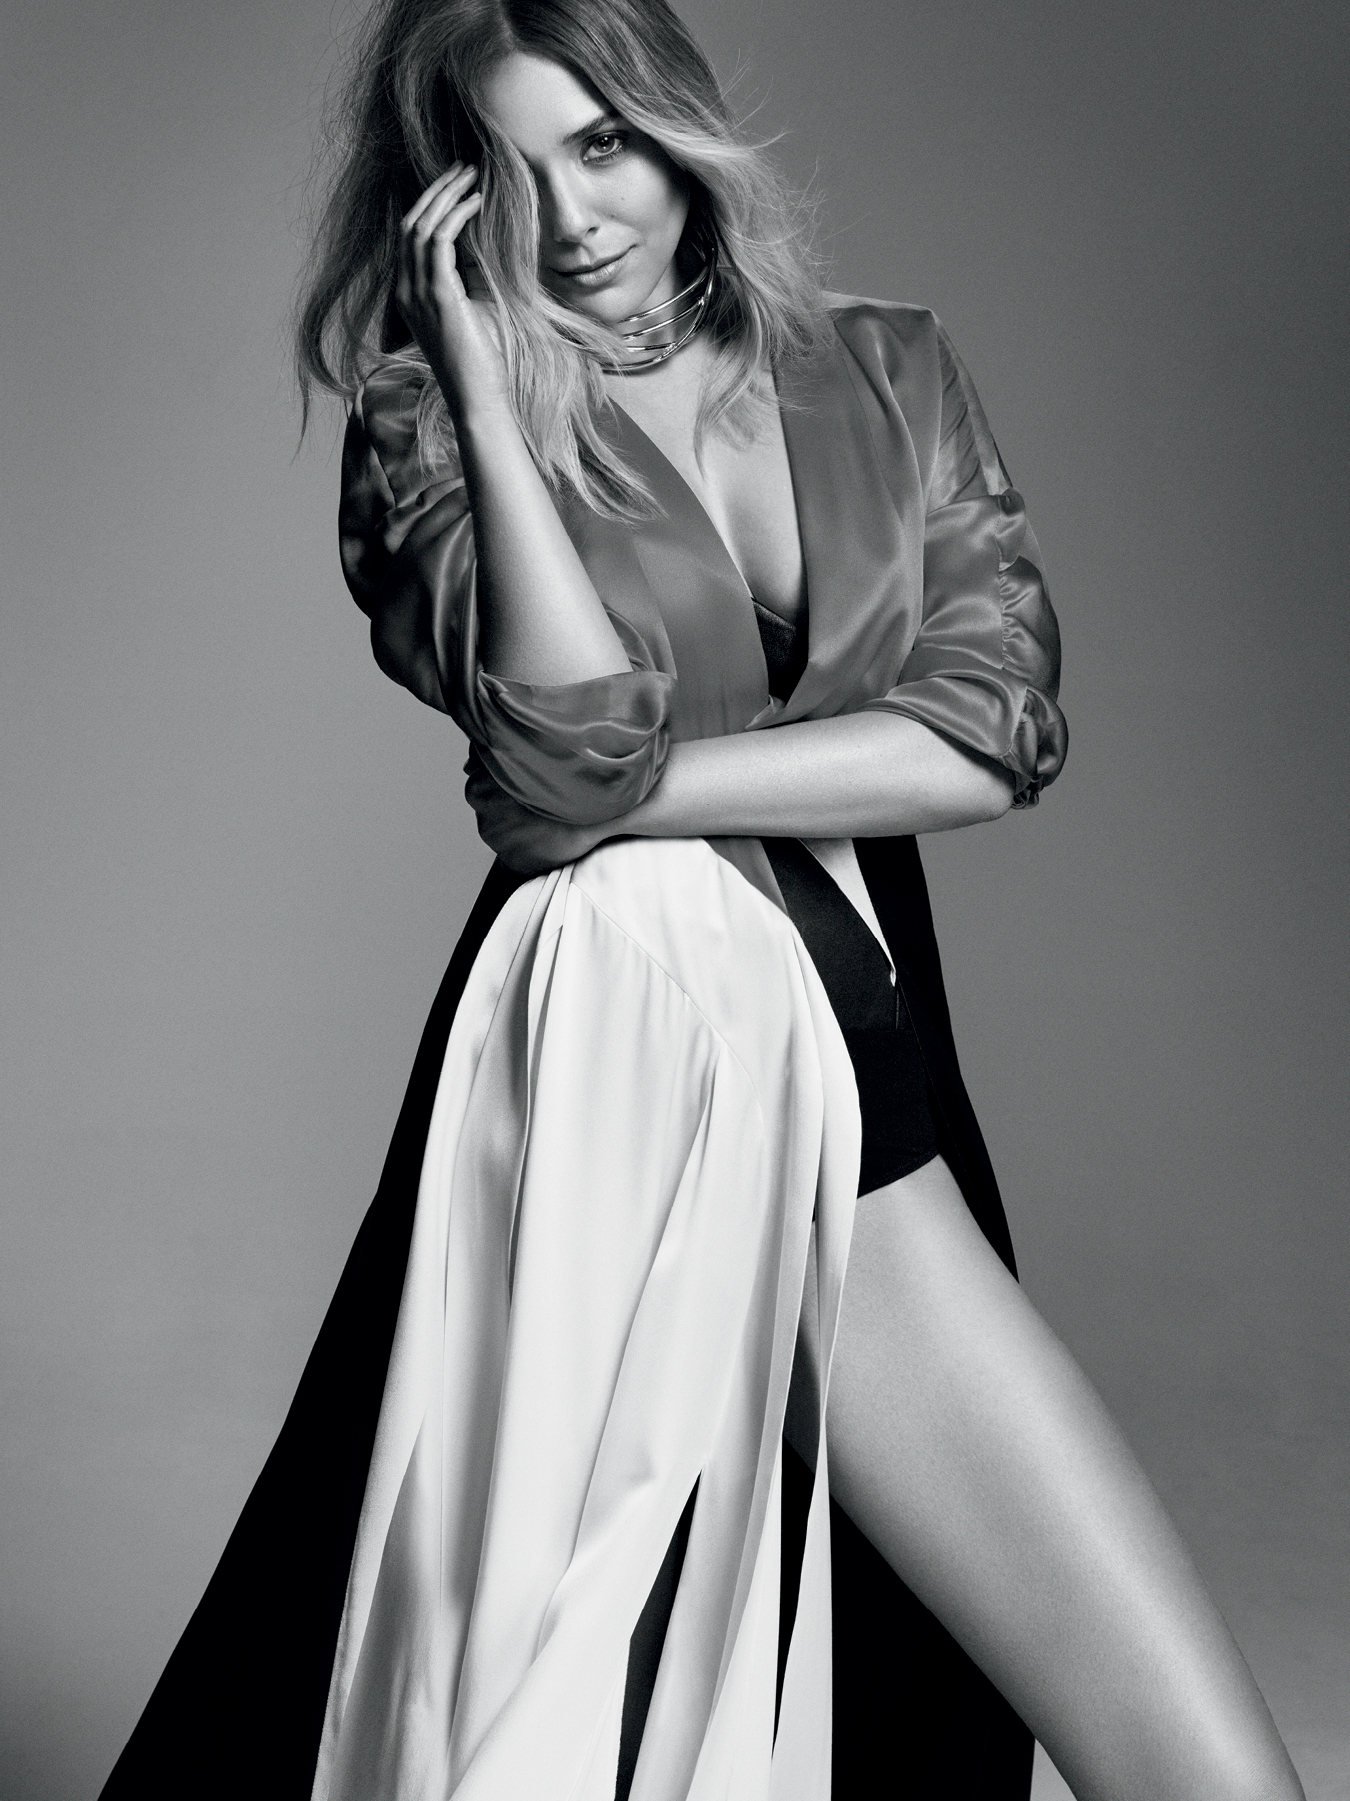 Jovana Djuric Elle Canada June 2016 02.jpg